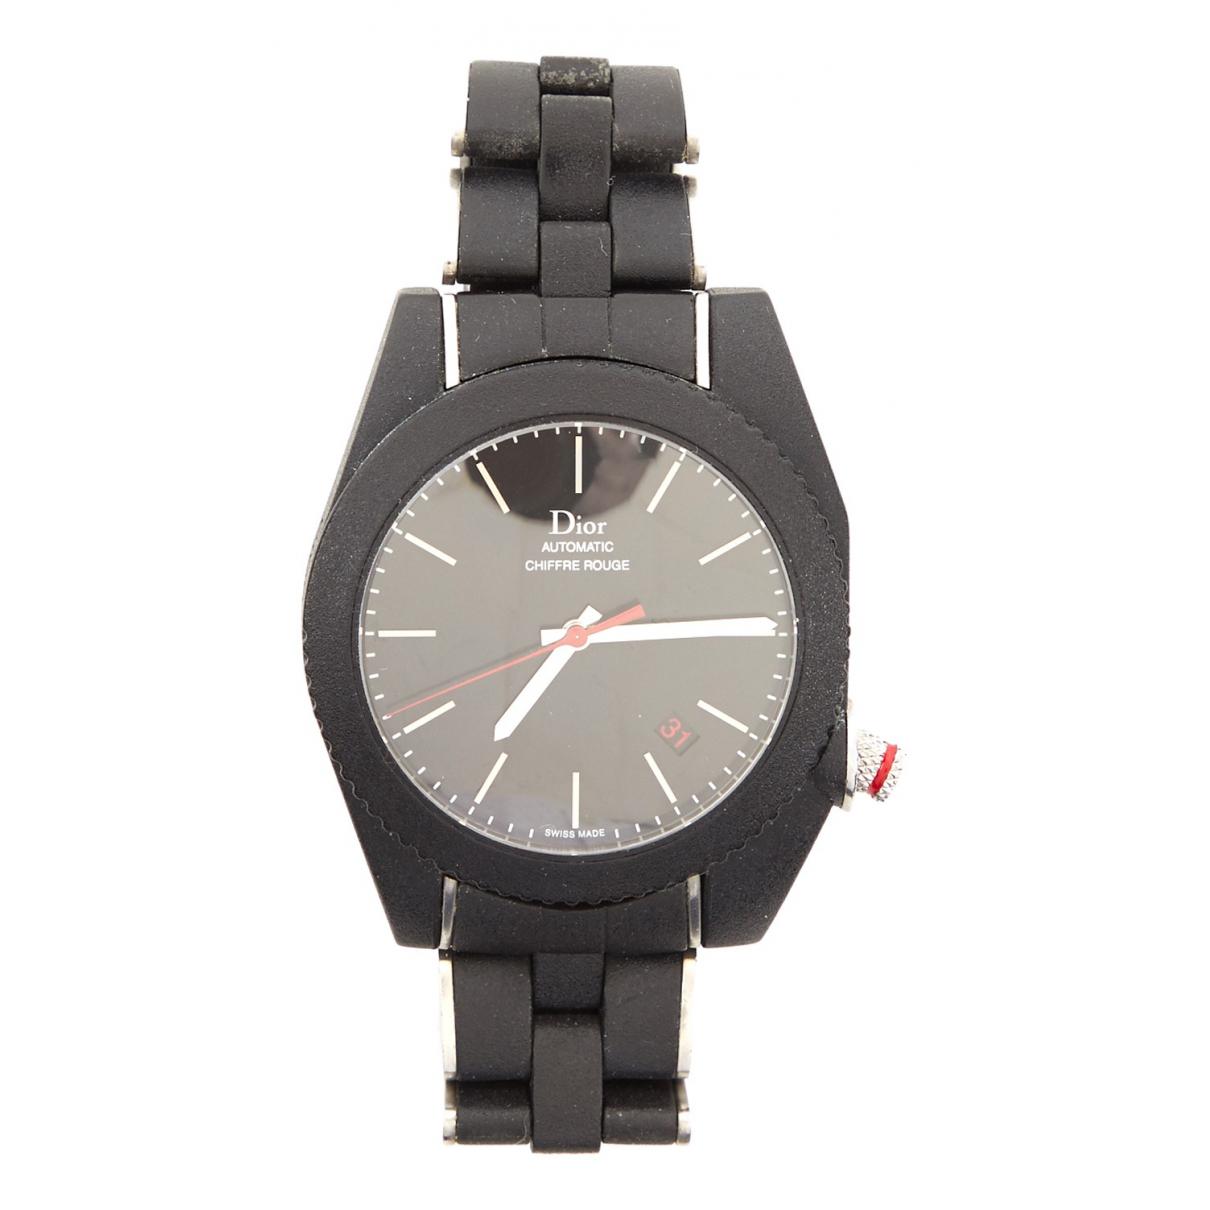 Dior Chiffre Rouge Uhr in  Schwarz Stahl